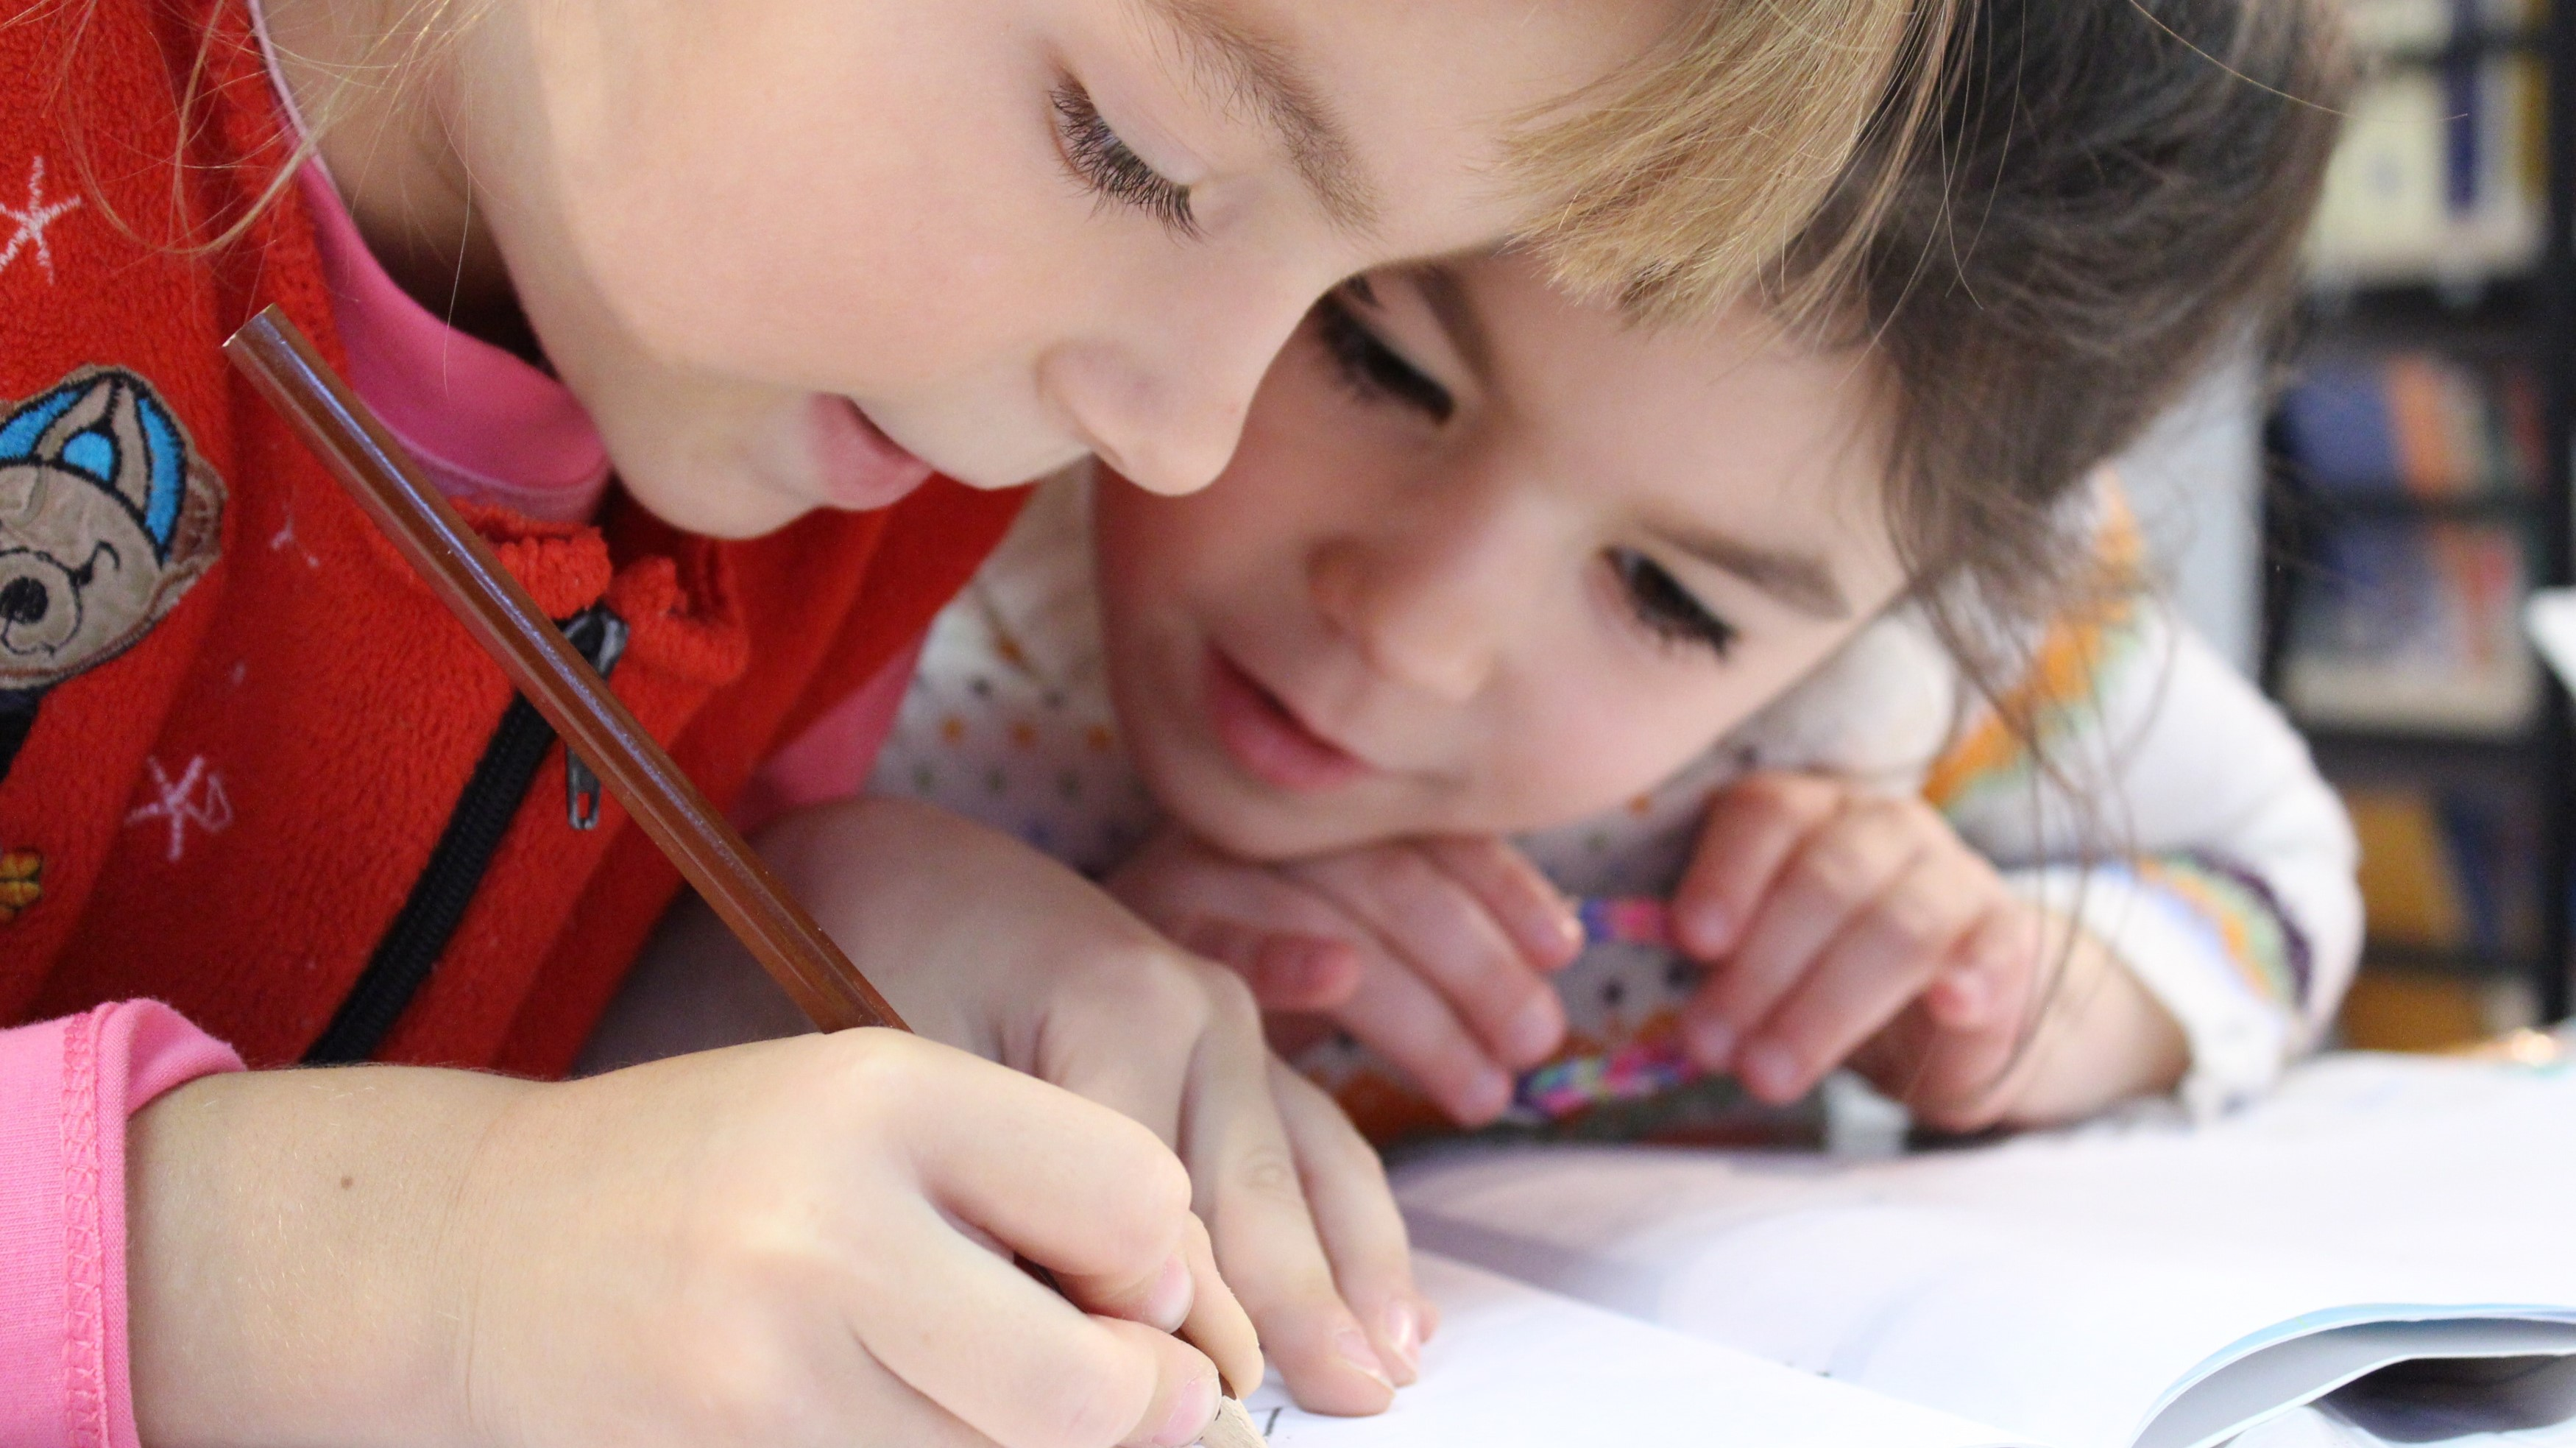 Rentrée scolaire : comment préparer mon enfant aux cours d'anglais ?